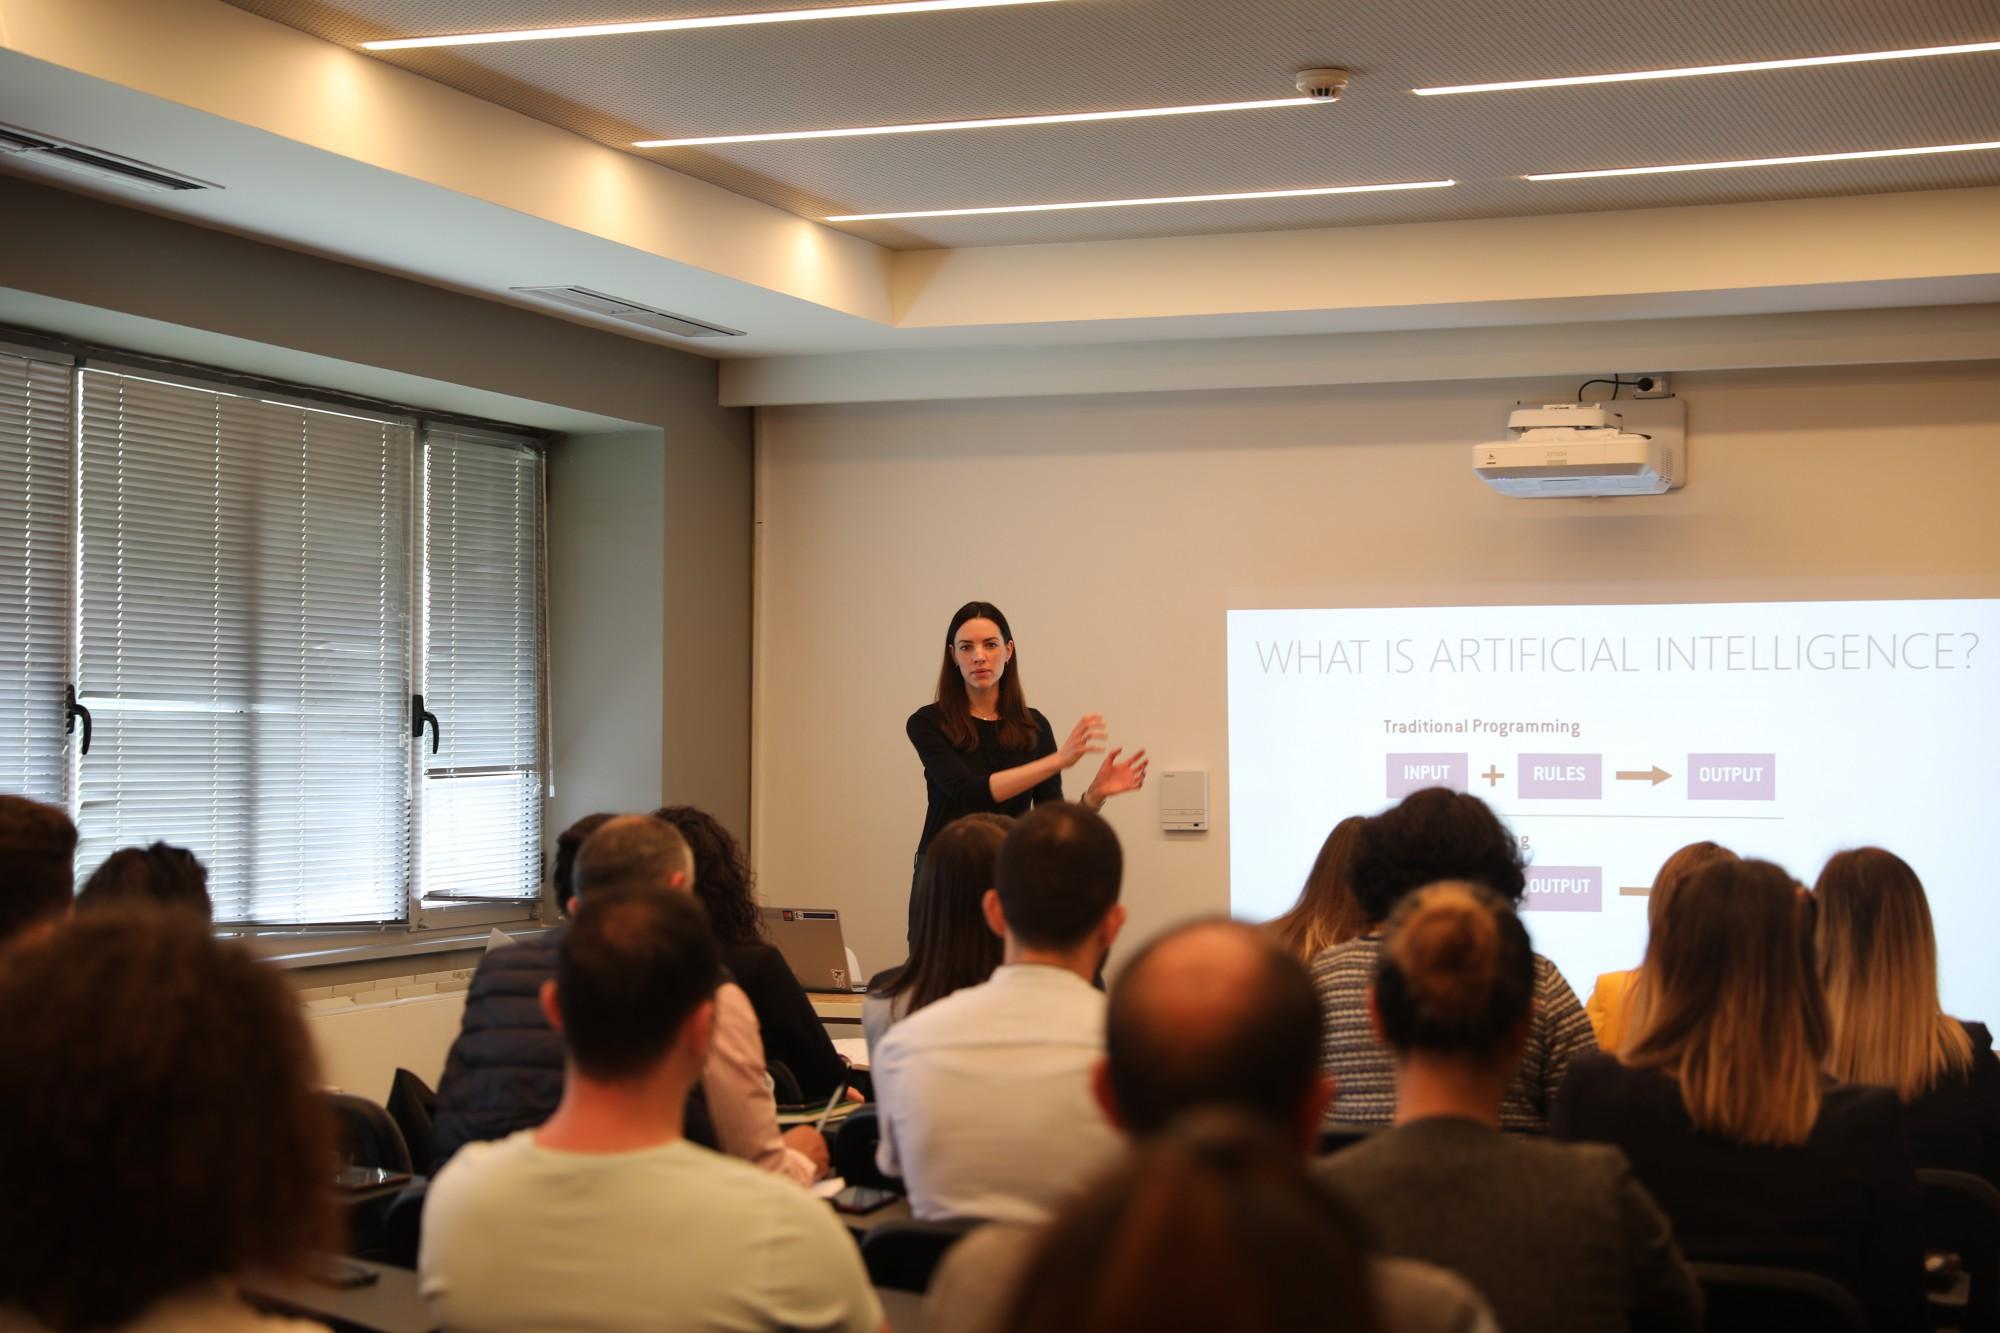 Microsoft, maratonë trajnimesh pranë TechSpace me punonjës të administratës